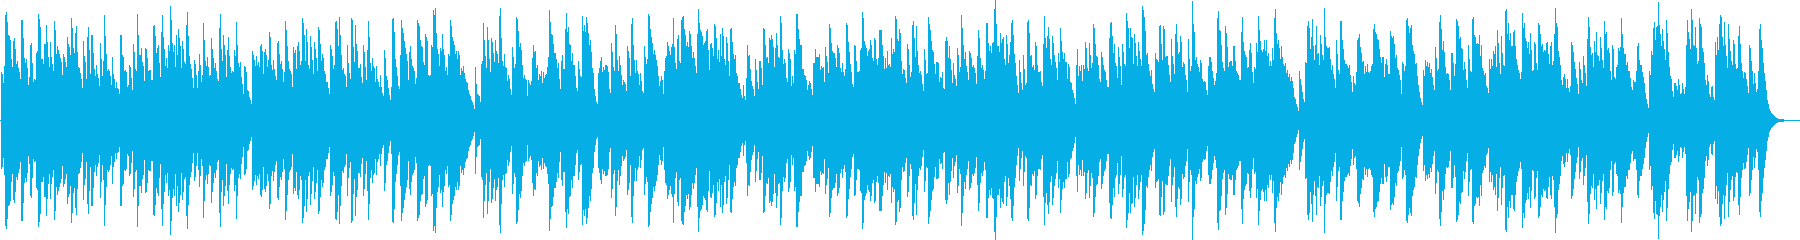 ケンタッキーの我が家(オルゴール)の再生済みの波形